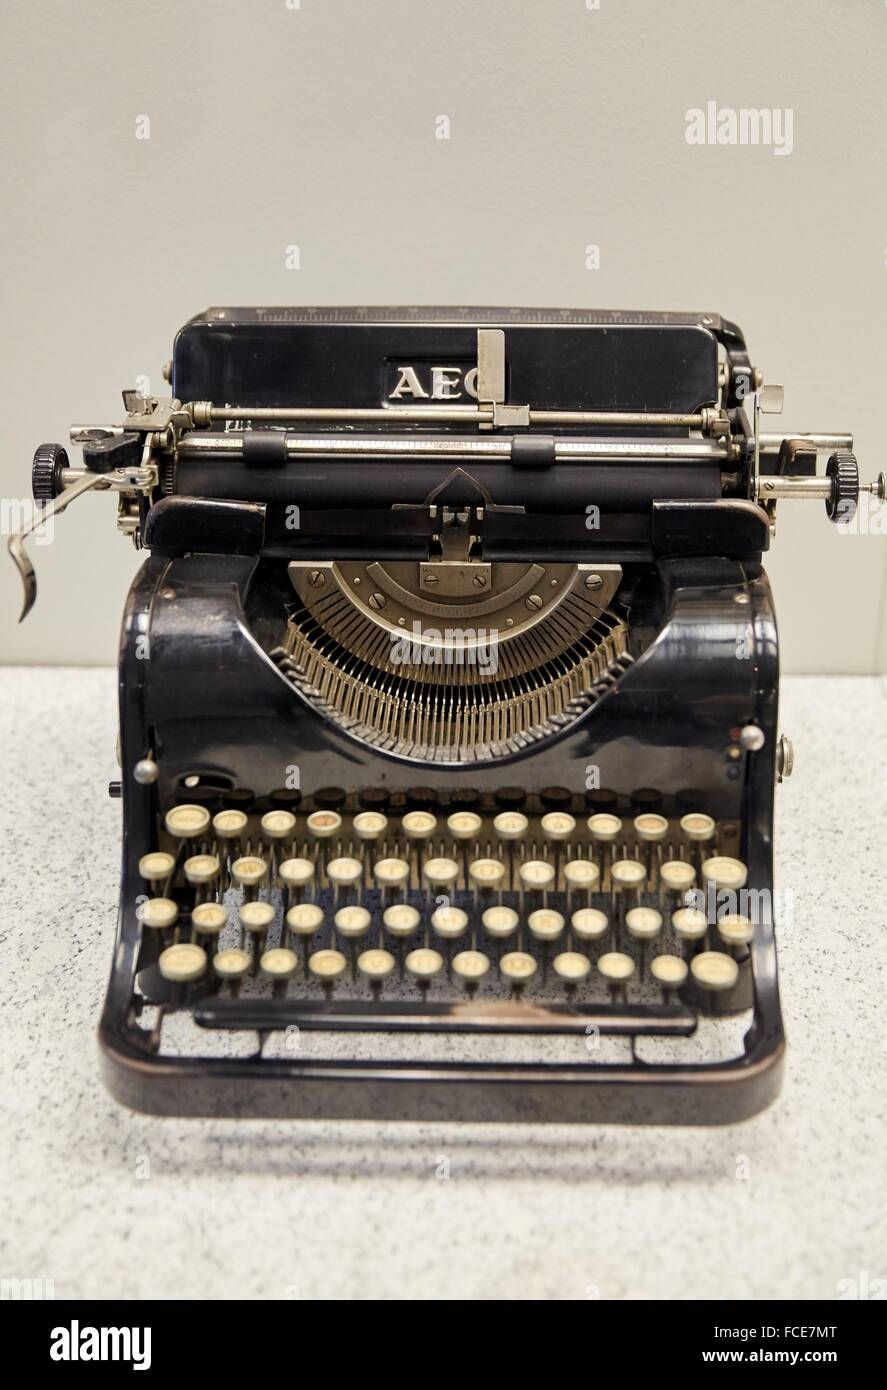 Typewriter AEG, Deutsches Historisches Museum, Berlin, Germany - Stock Image